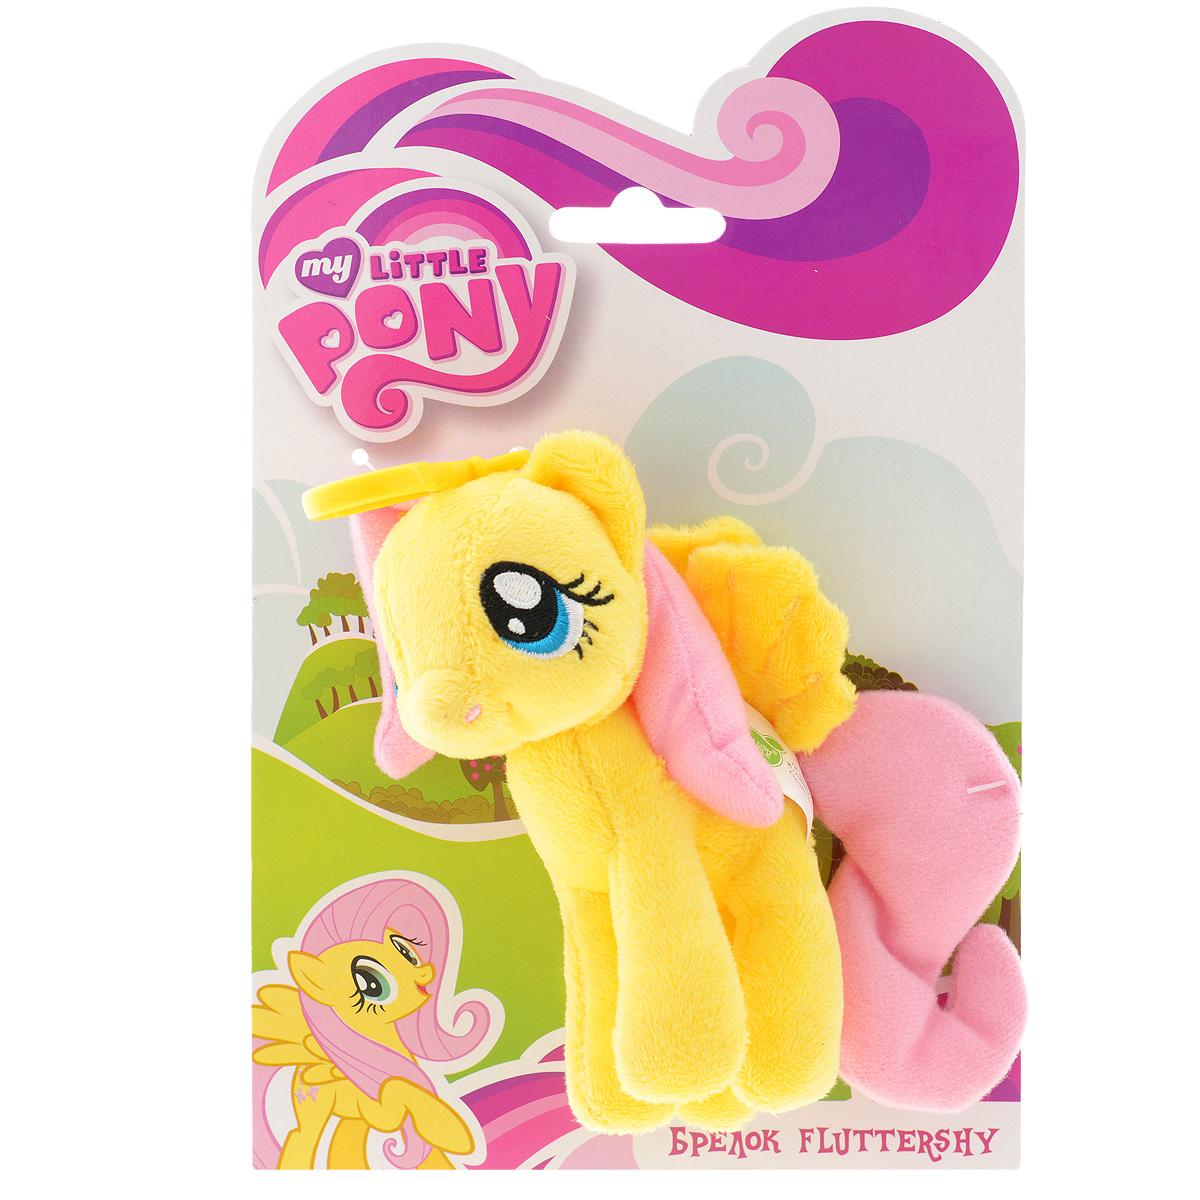 Мягкая игрушка-брелок My Little Pony FluttershyK30025BБрелок My Little Pony Fluttershy обязательно привлечет внимание вашей дочурки. Изделие изготовлено из приятных на ощупь материалов и безвредных для ребенка в виде пони. Пластиковый карабин позволит закрепить брелок на сумке. Прекрасное качество исполнения делают этот брелок чудесным подарком истинному поклоннику мультсериала My Little Pony. Порадуйте своего ребенка.